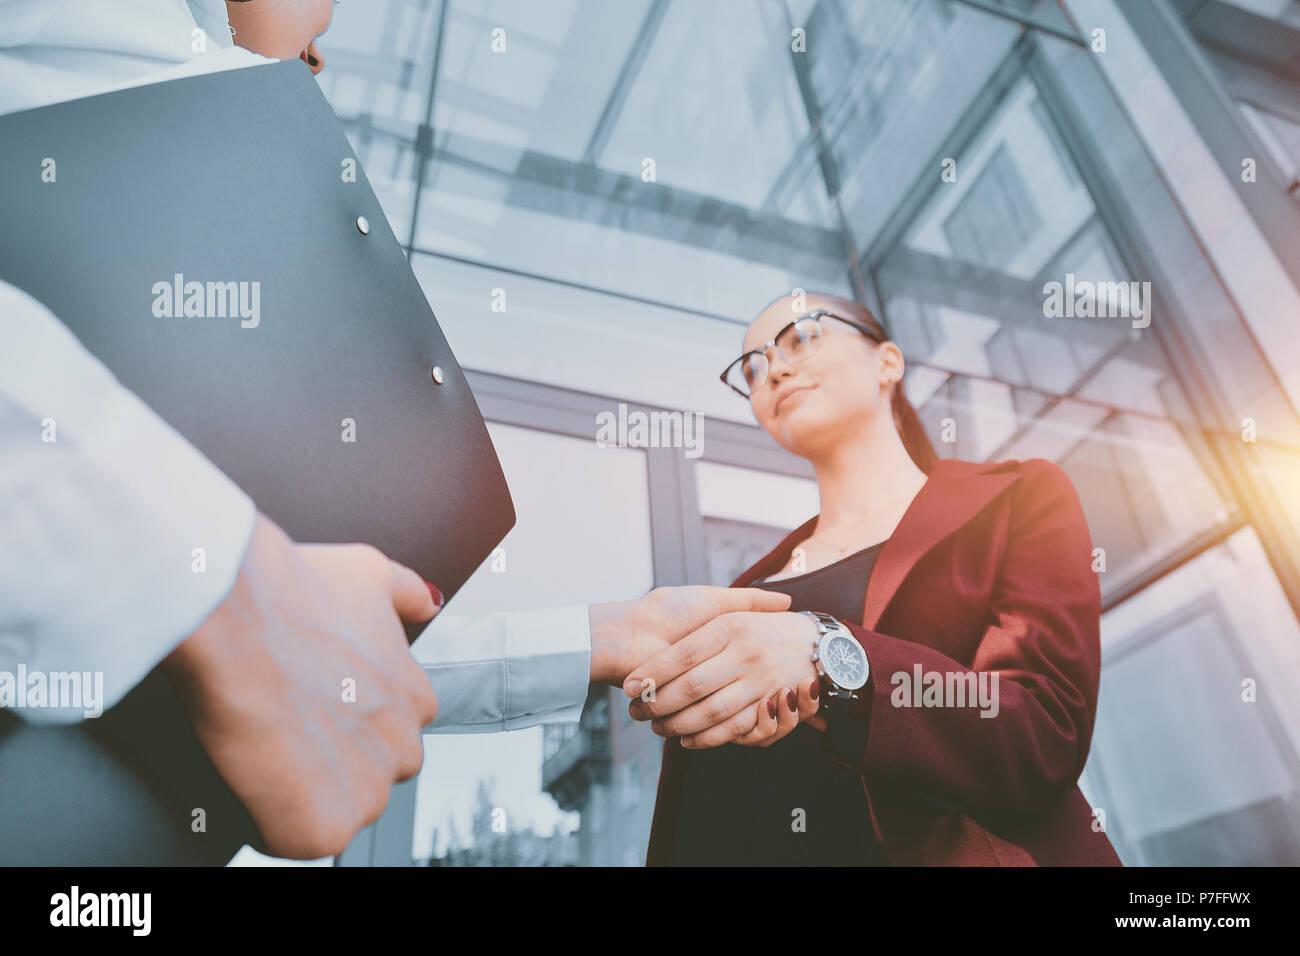 Stretta di mano di due giovani ragazze contro lo sfondo di un multi-storey edificio per uffici. Fare un affare. Relazioni amichevoli. Personale di ufficio. Immagini Stock